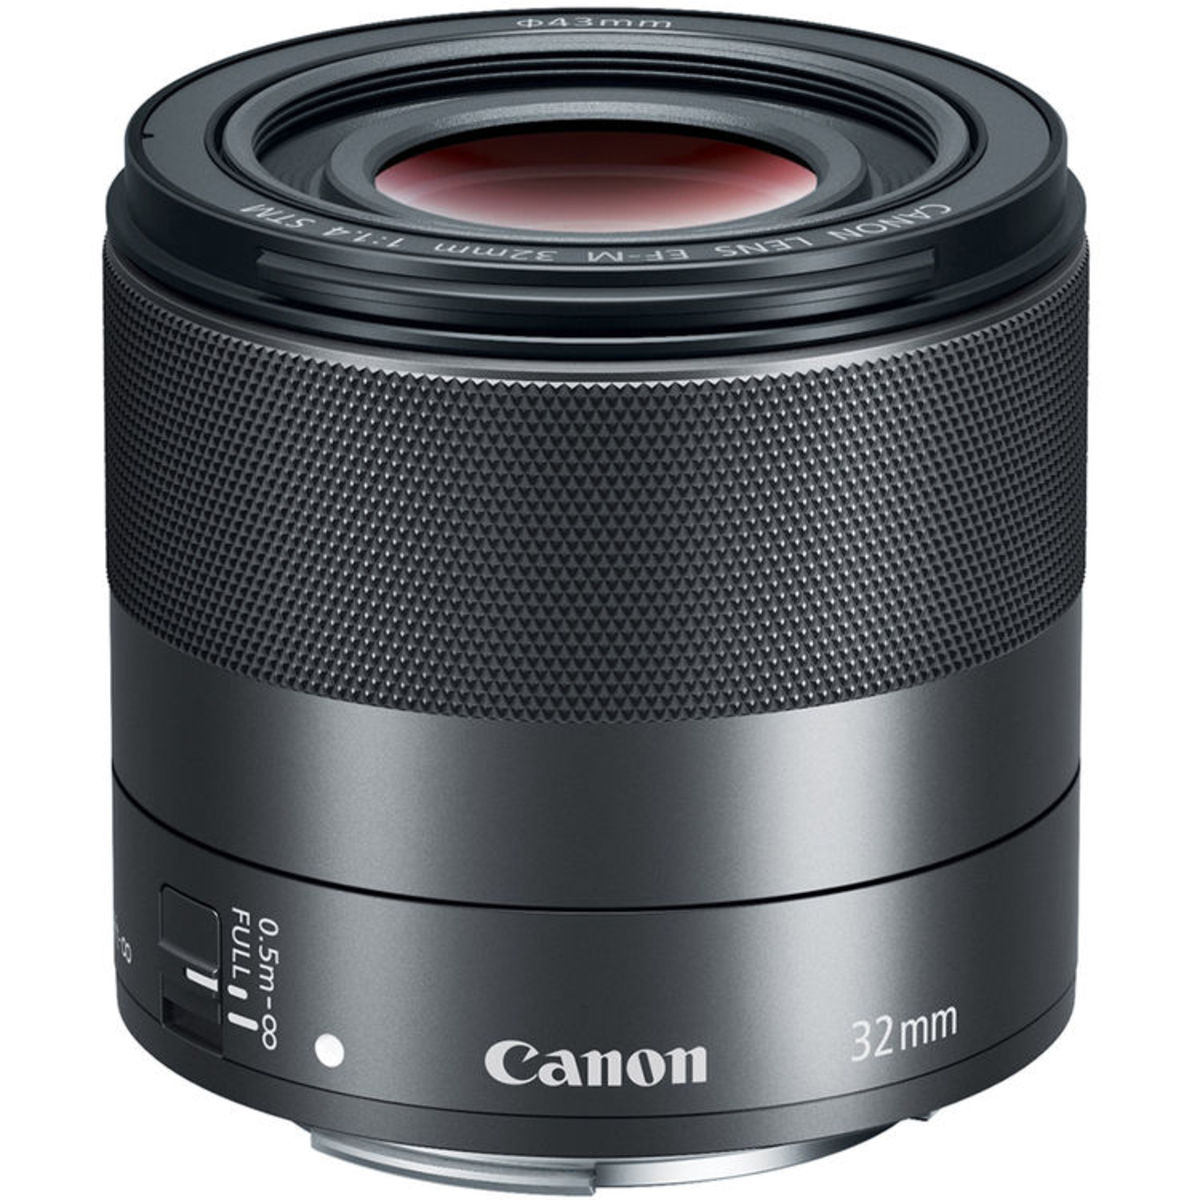 EF-M 32mm f/1.4 STM Lens (Parallel imported)